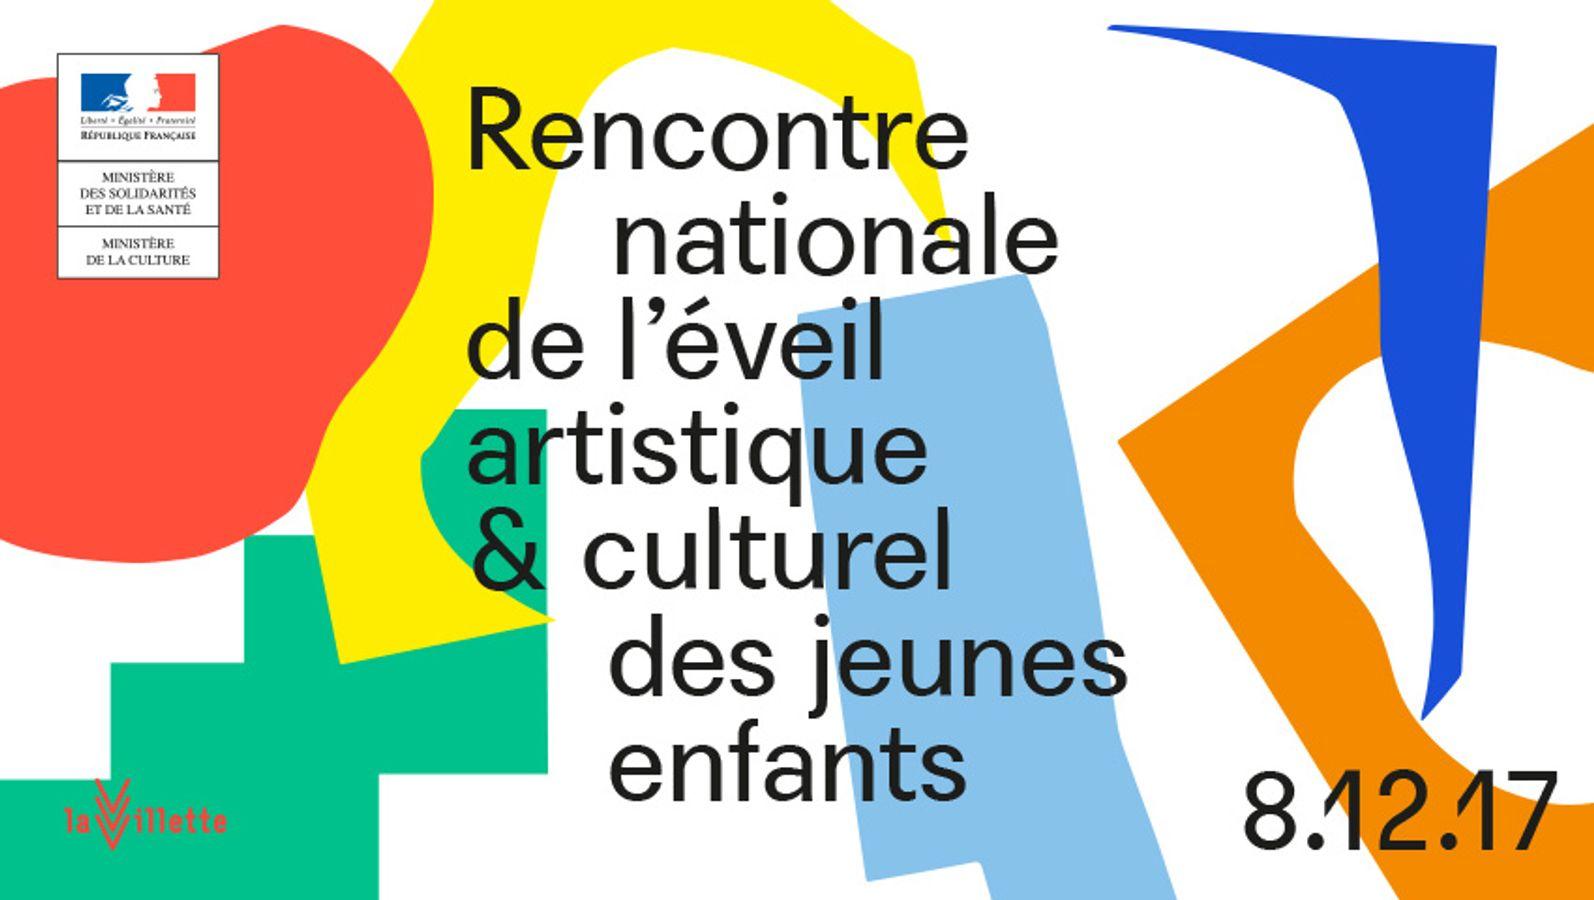 Table ronde n°2 : L'éveil artistique & culturel un enjeu partagé